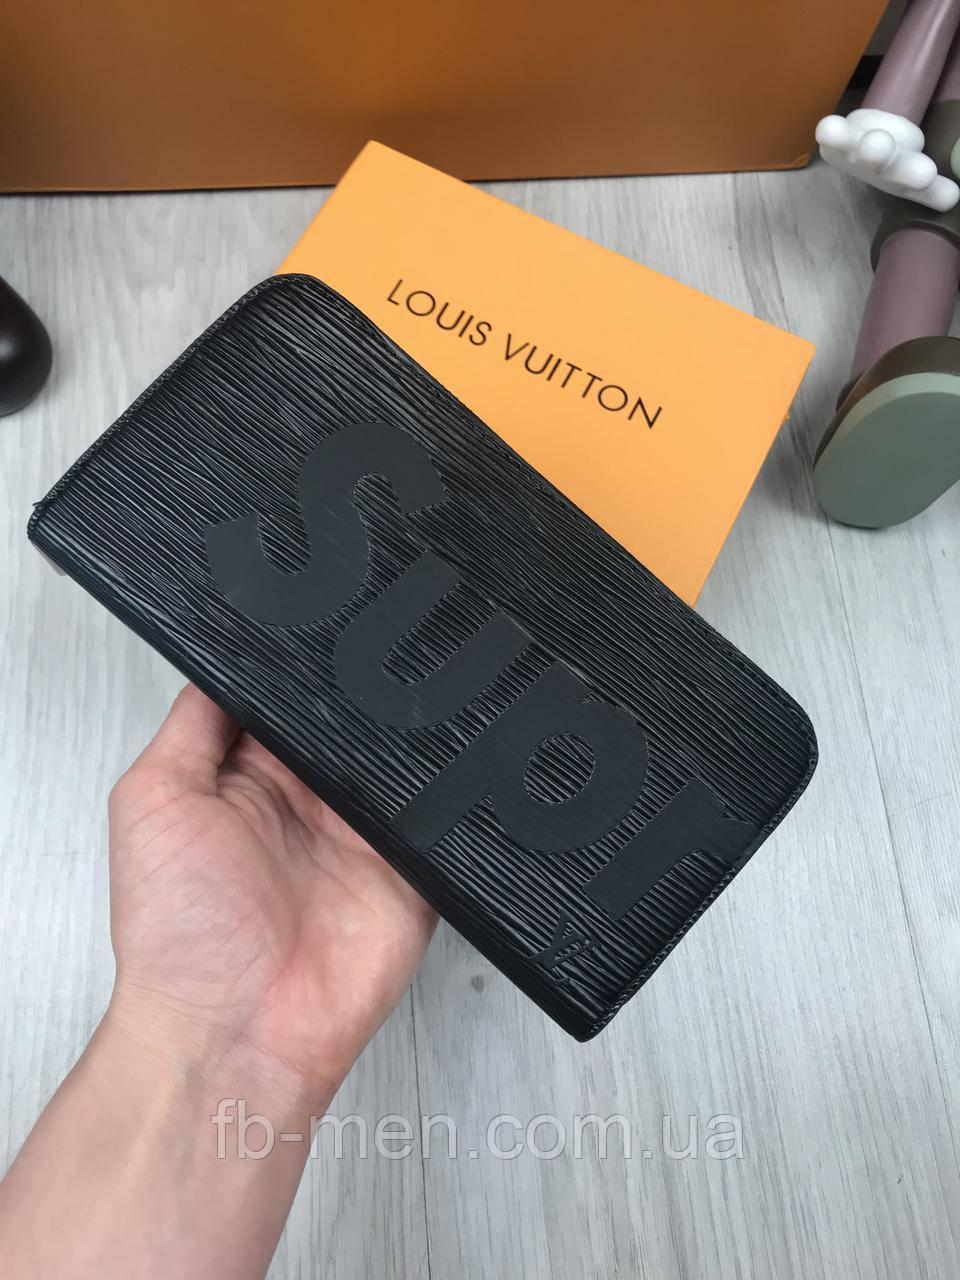 Портмоне Louis Vuitton | Кошелек мужской женский Луи Виттон черного цвета на молнии